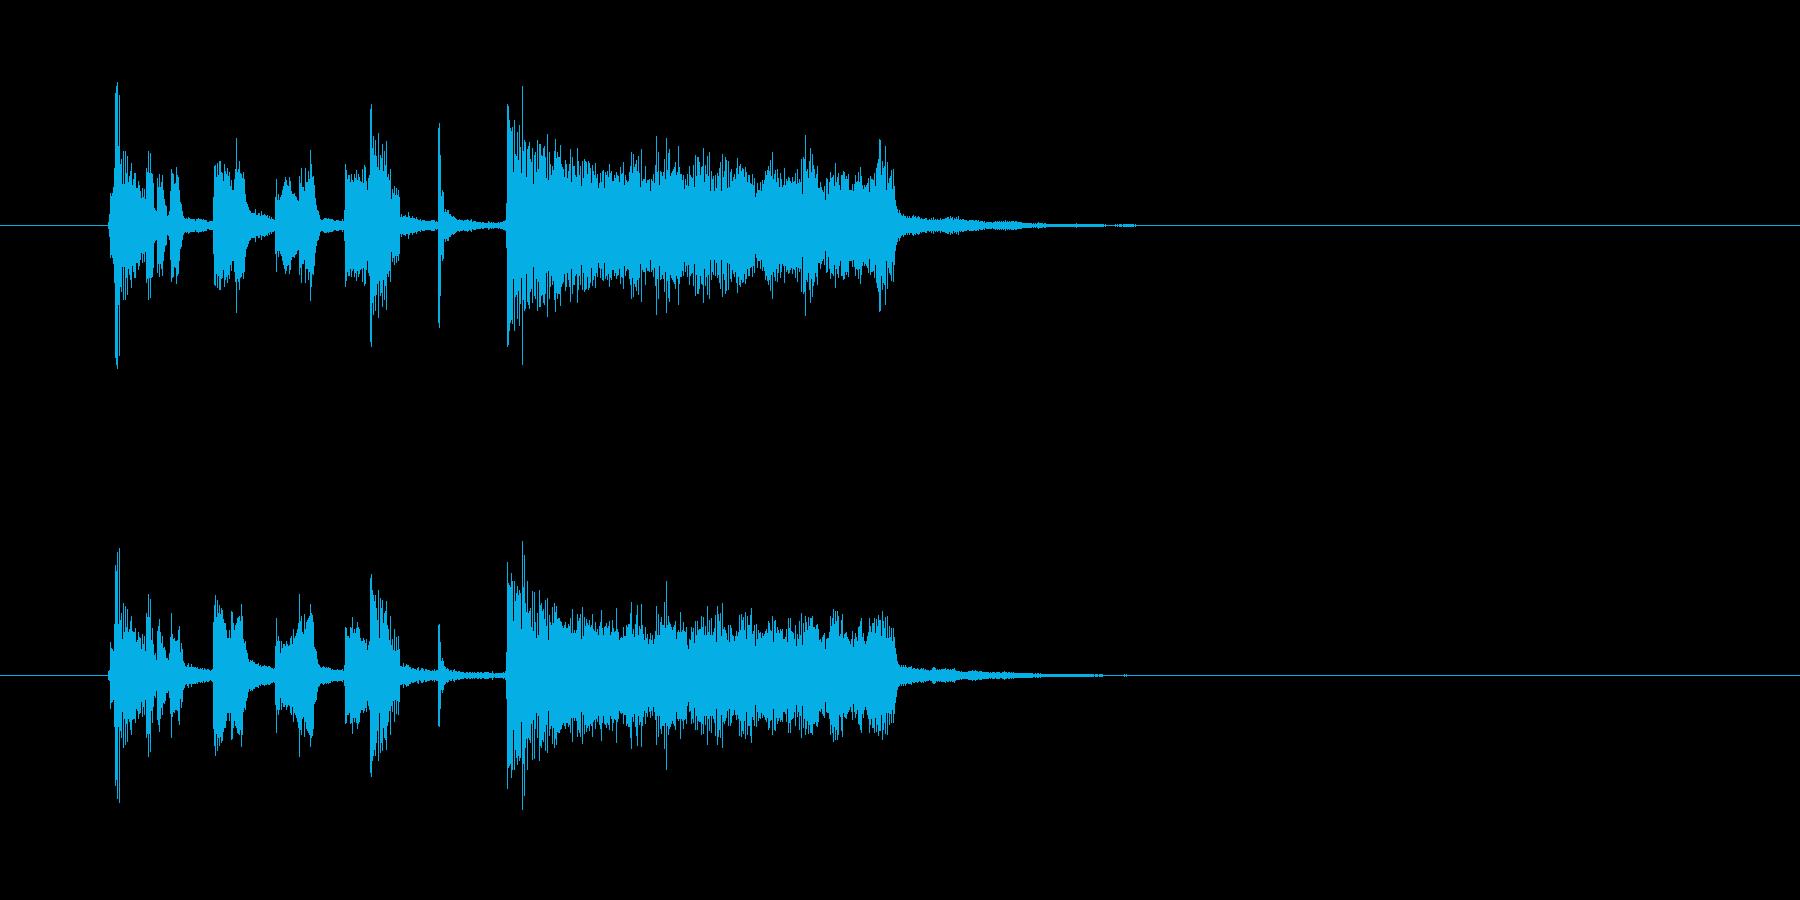 シンセサイザー トランペット コミカルの再生済みの波形